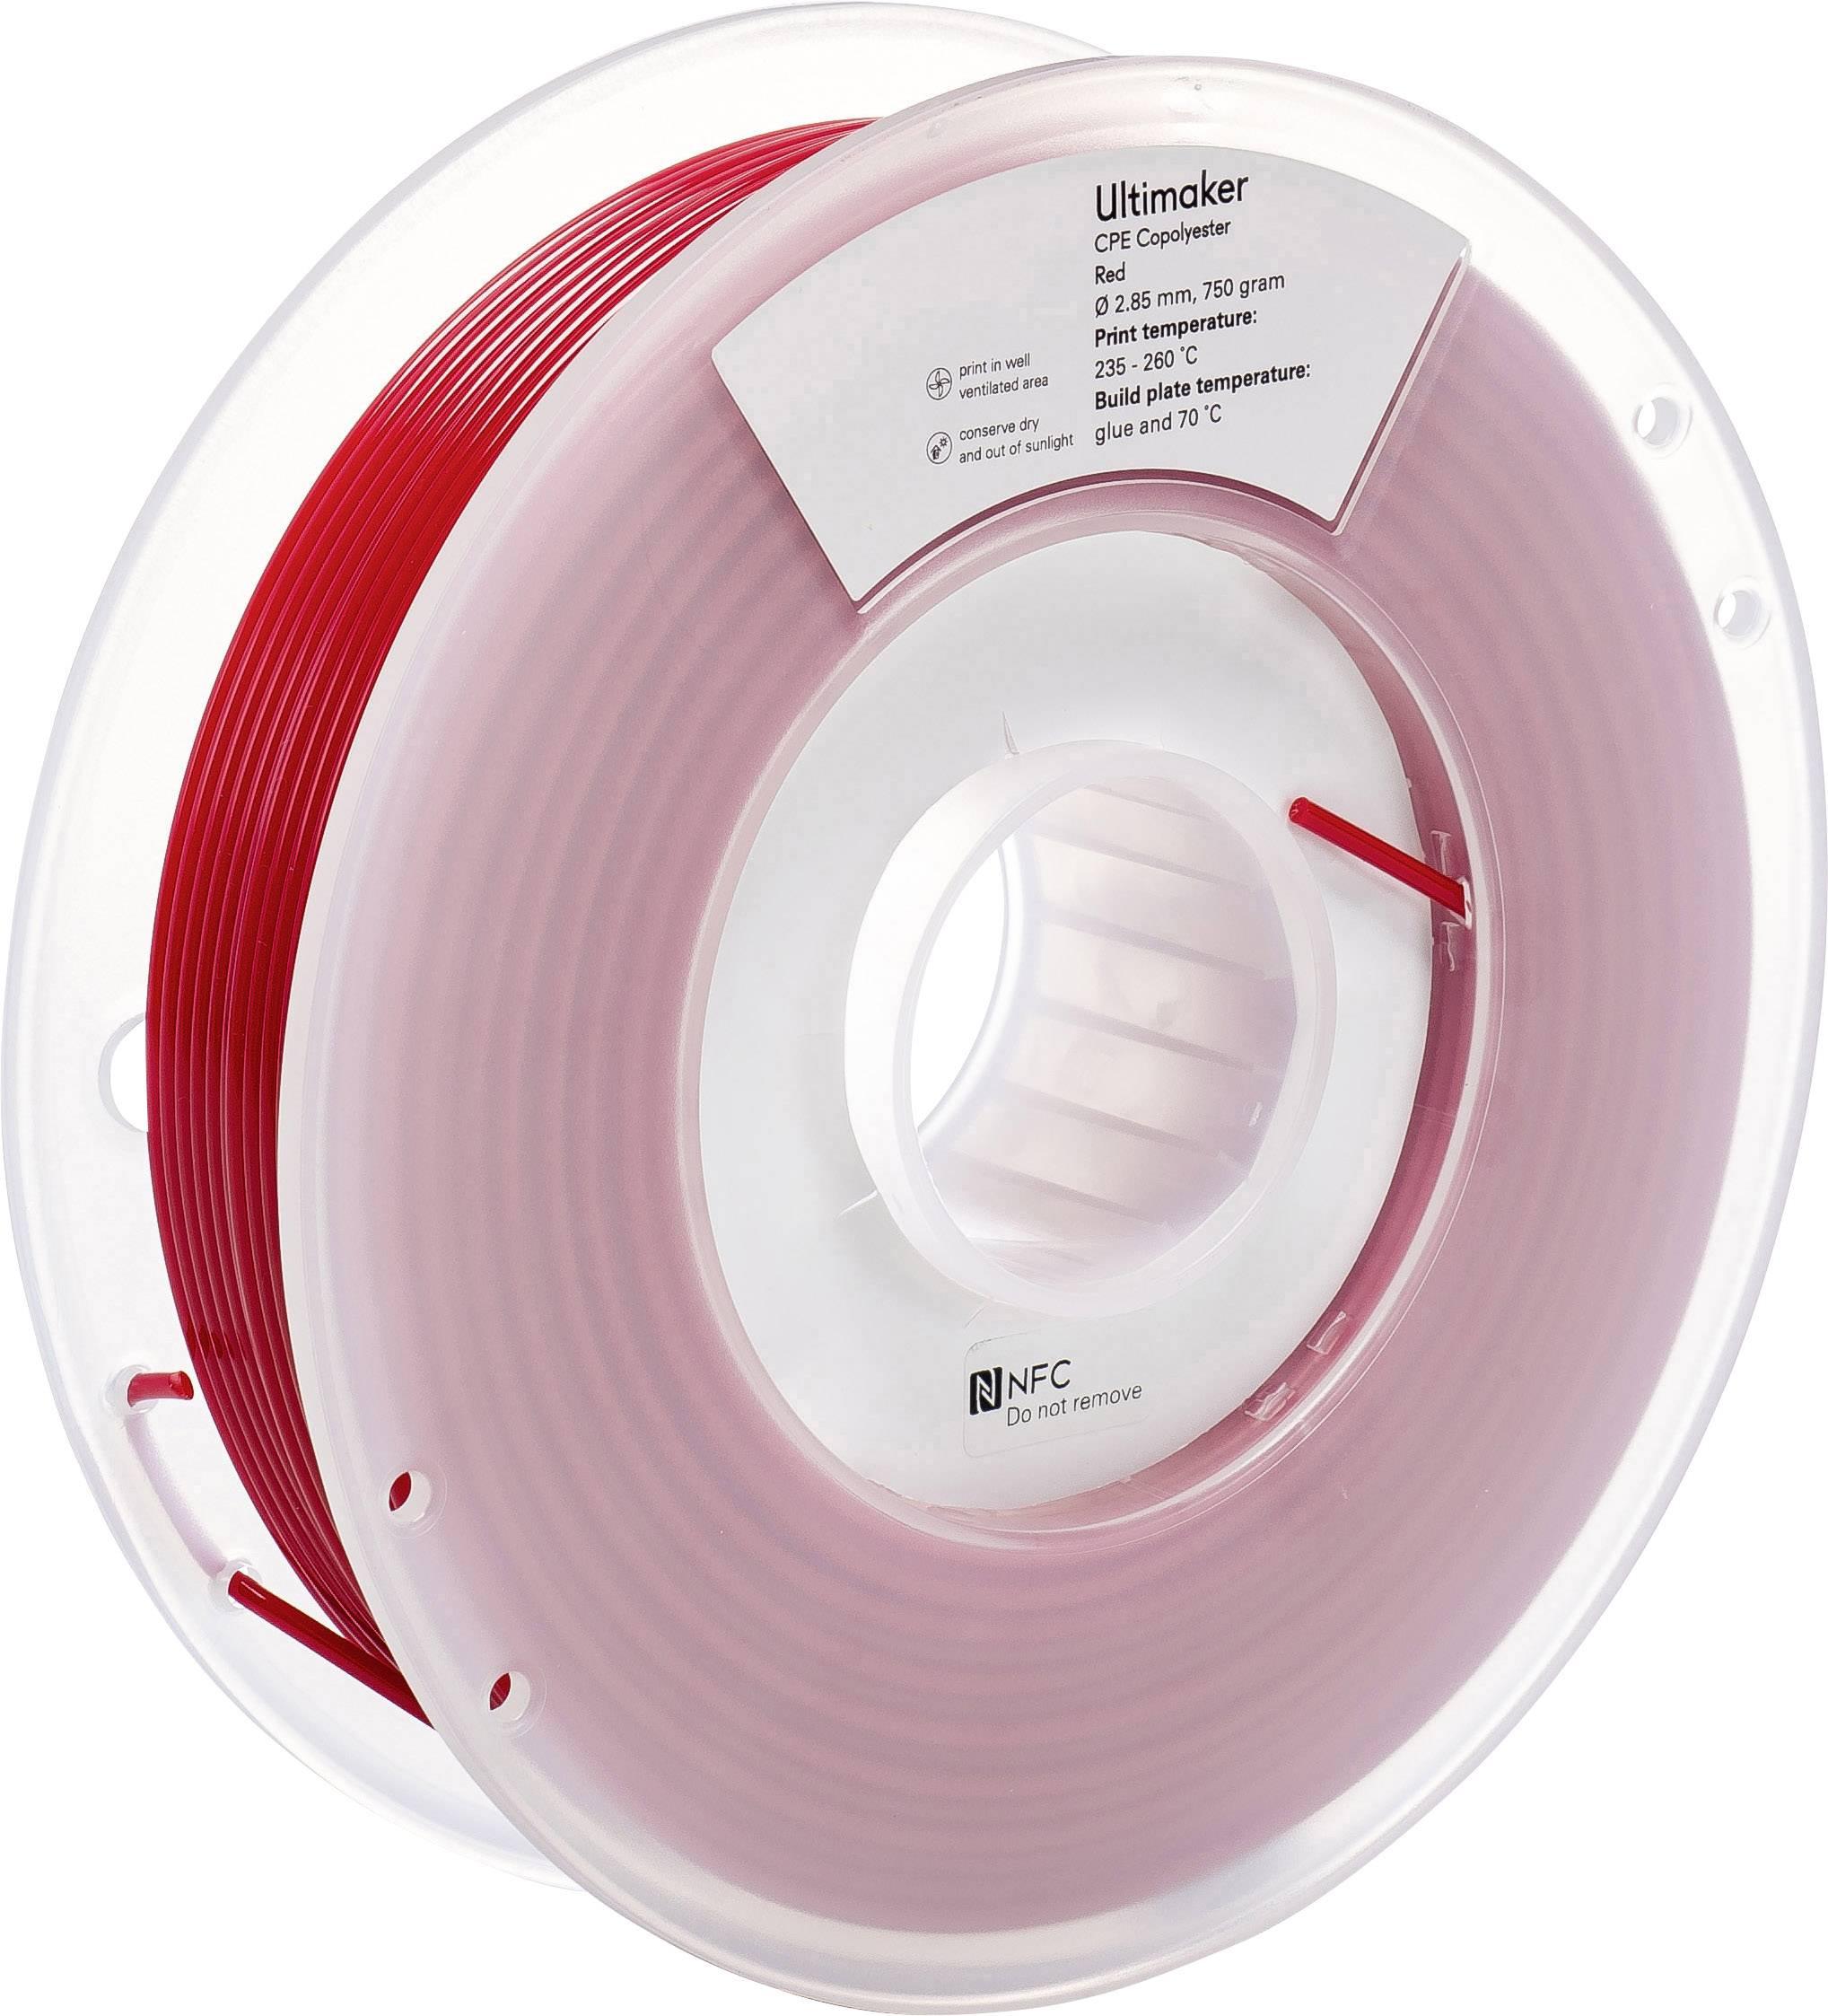 Vlákno pro 3D tiskárny Ultimaker CPE - M0188 Red 750 - 201273, CPE , 2.85 mm, 750 g, červená